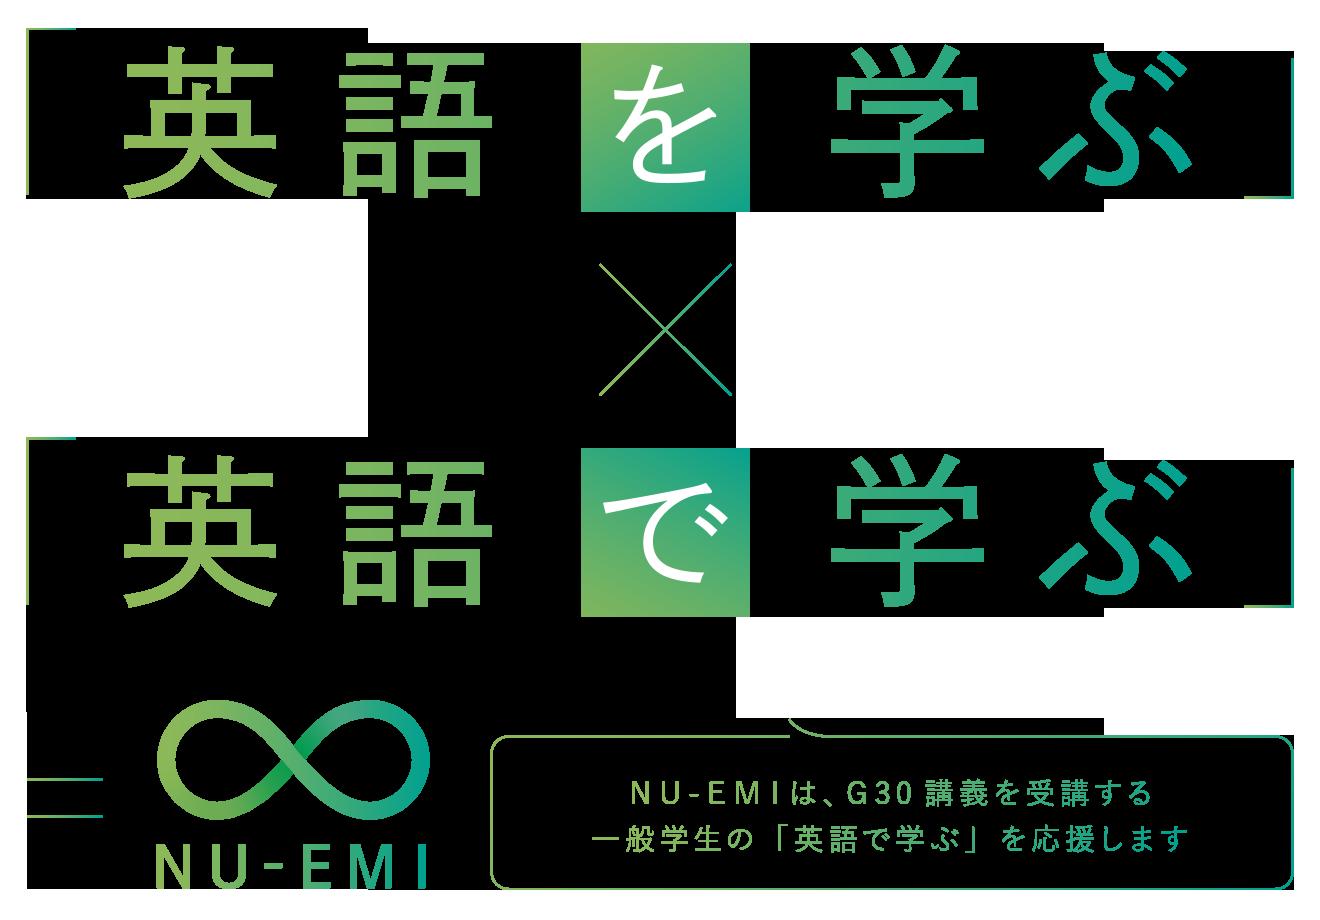 名古屋大学 NU-EMIプロジェクト G30講義を受講する一般学生の「英語で学ぶ」を応援します